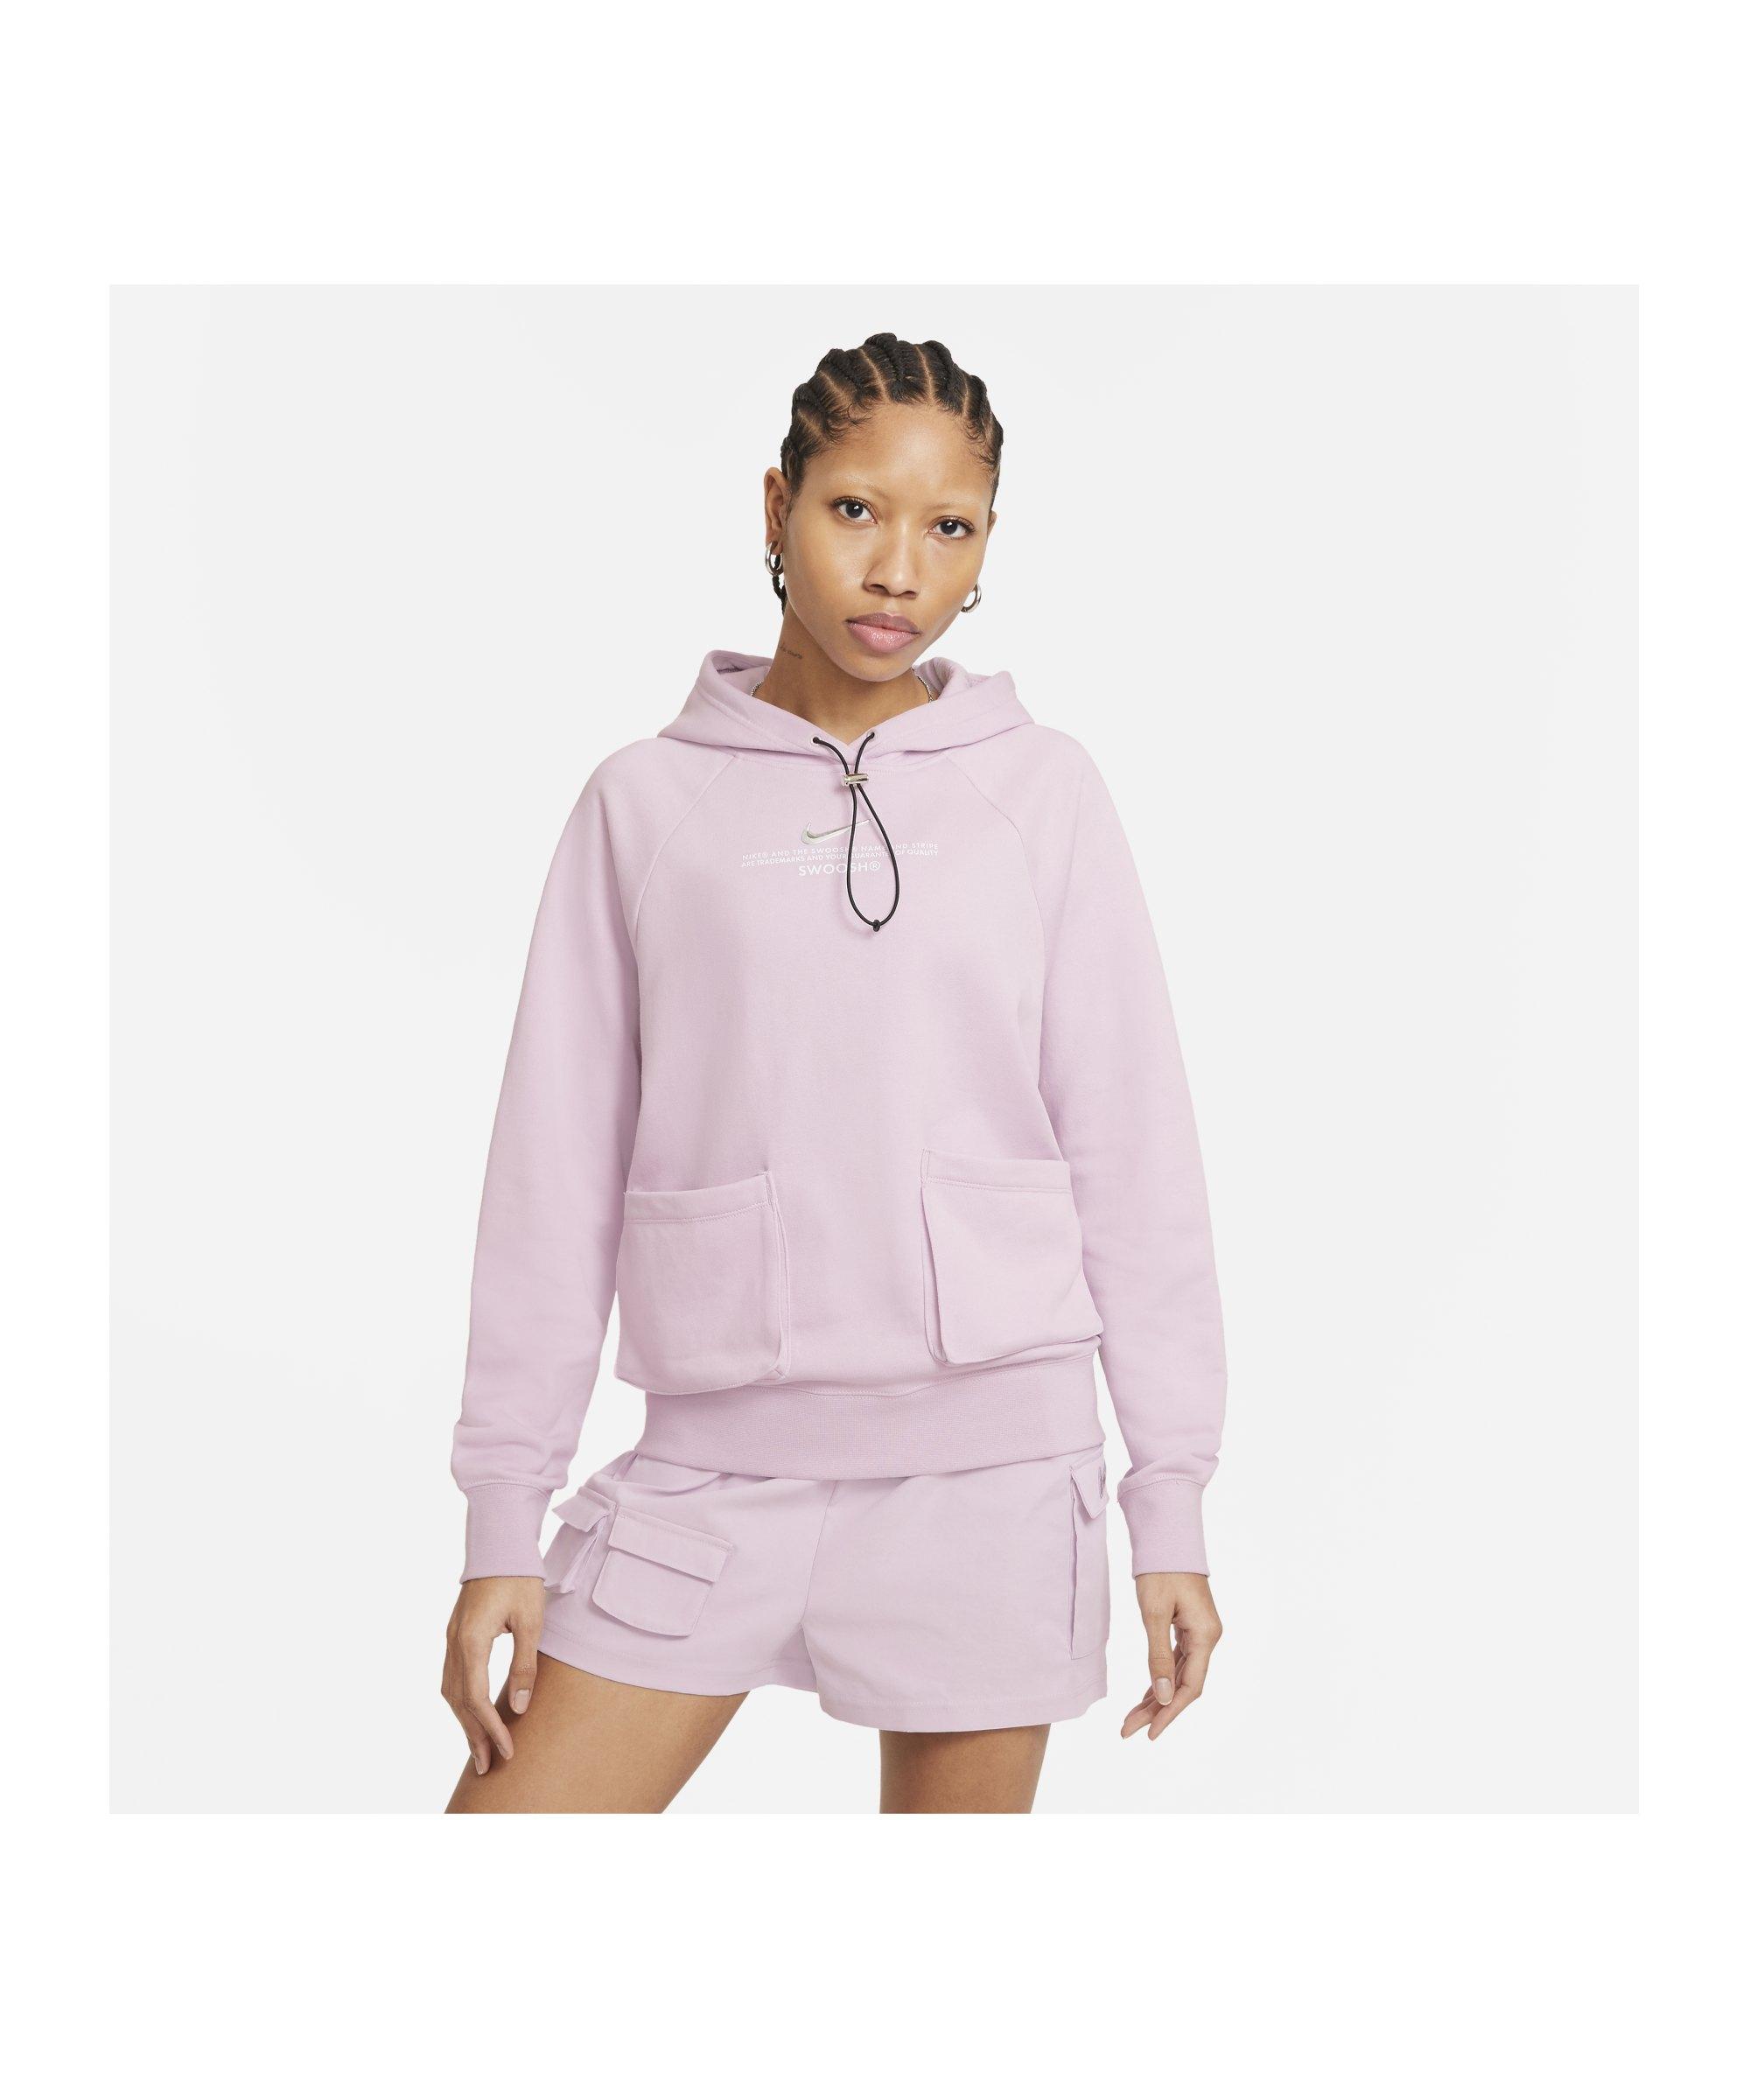 Nike Swoosh Fleece Hoody Damen Lila Weiss F576 - lila